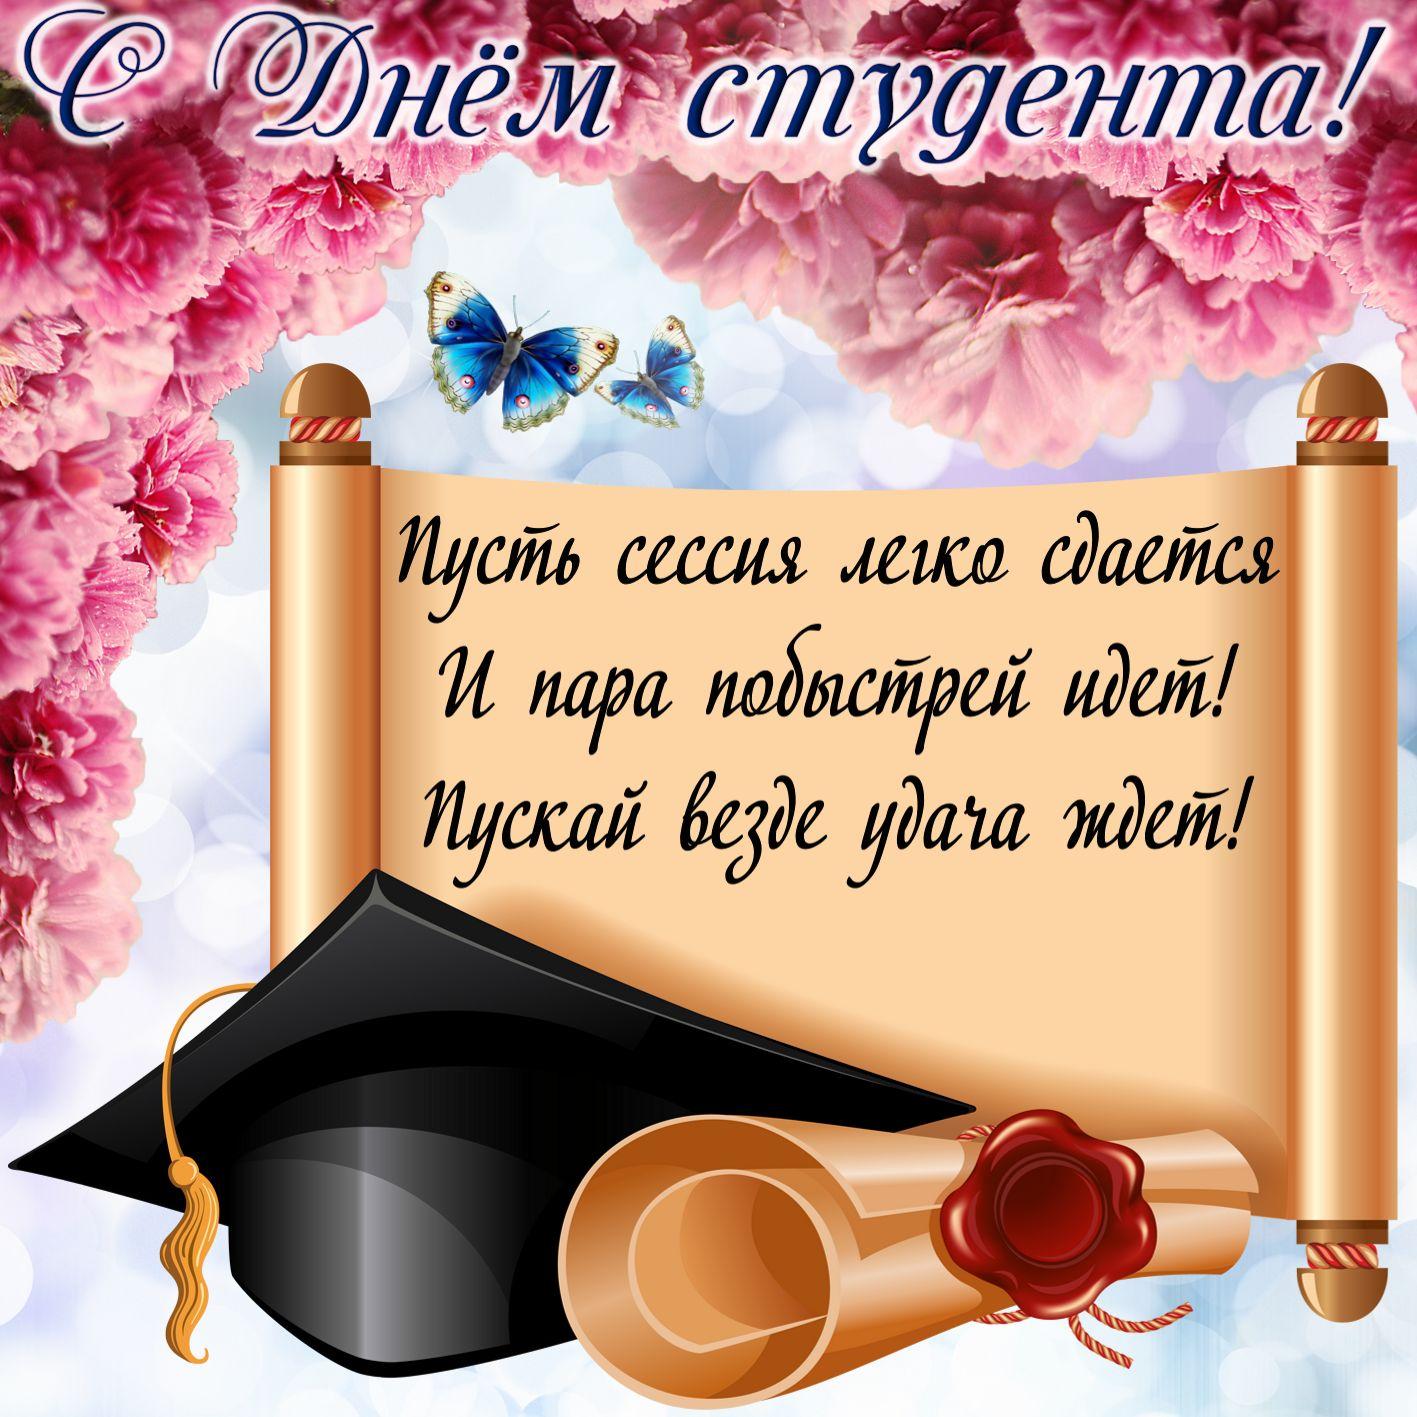 Красивая открытка, гифка на день студента, Татьянин день